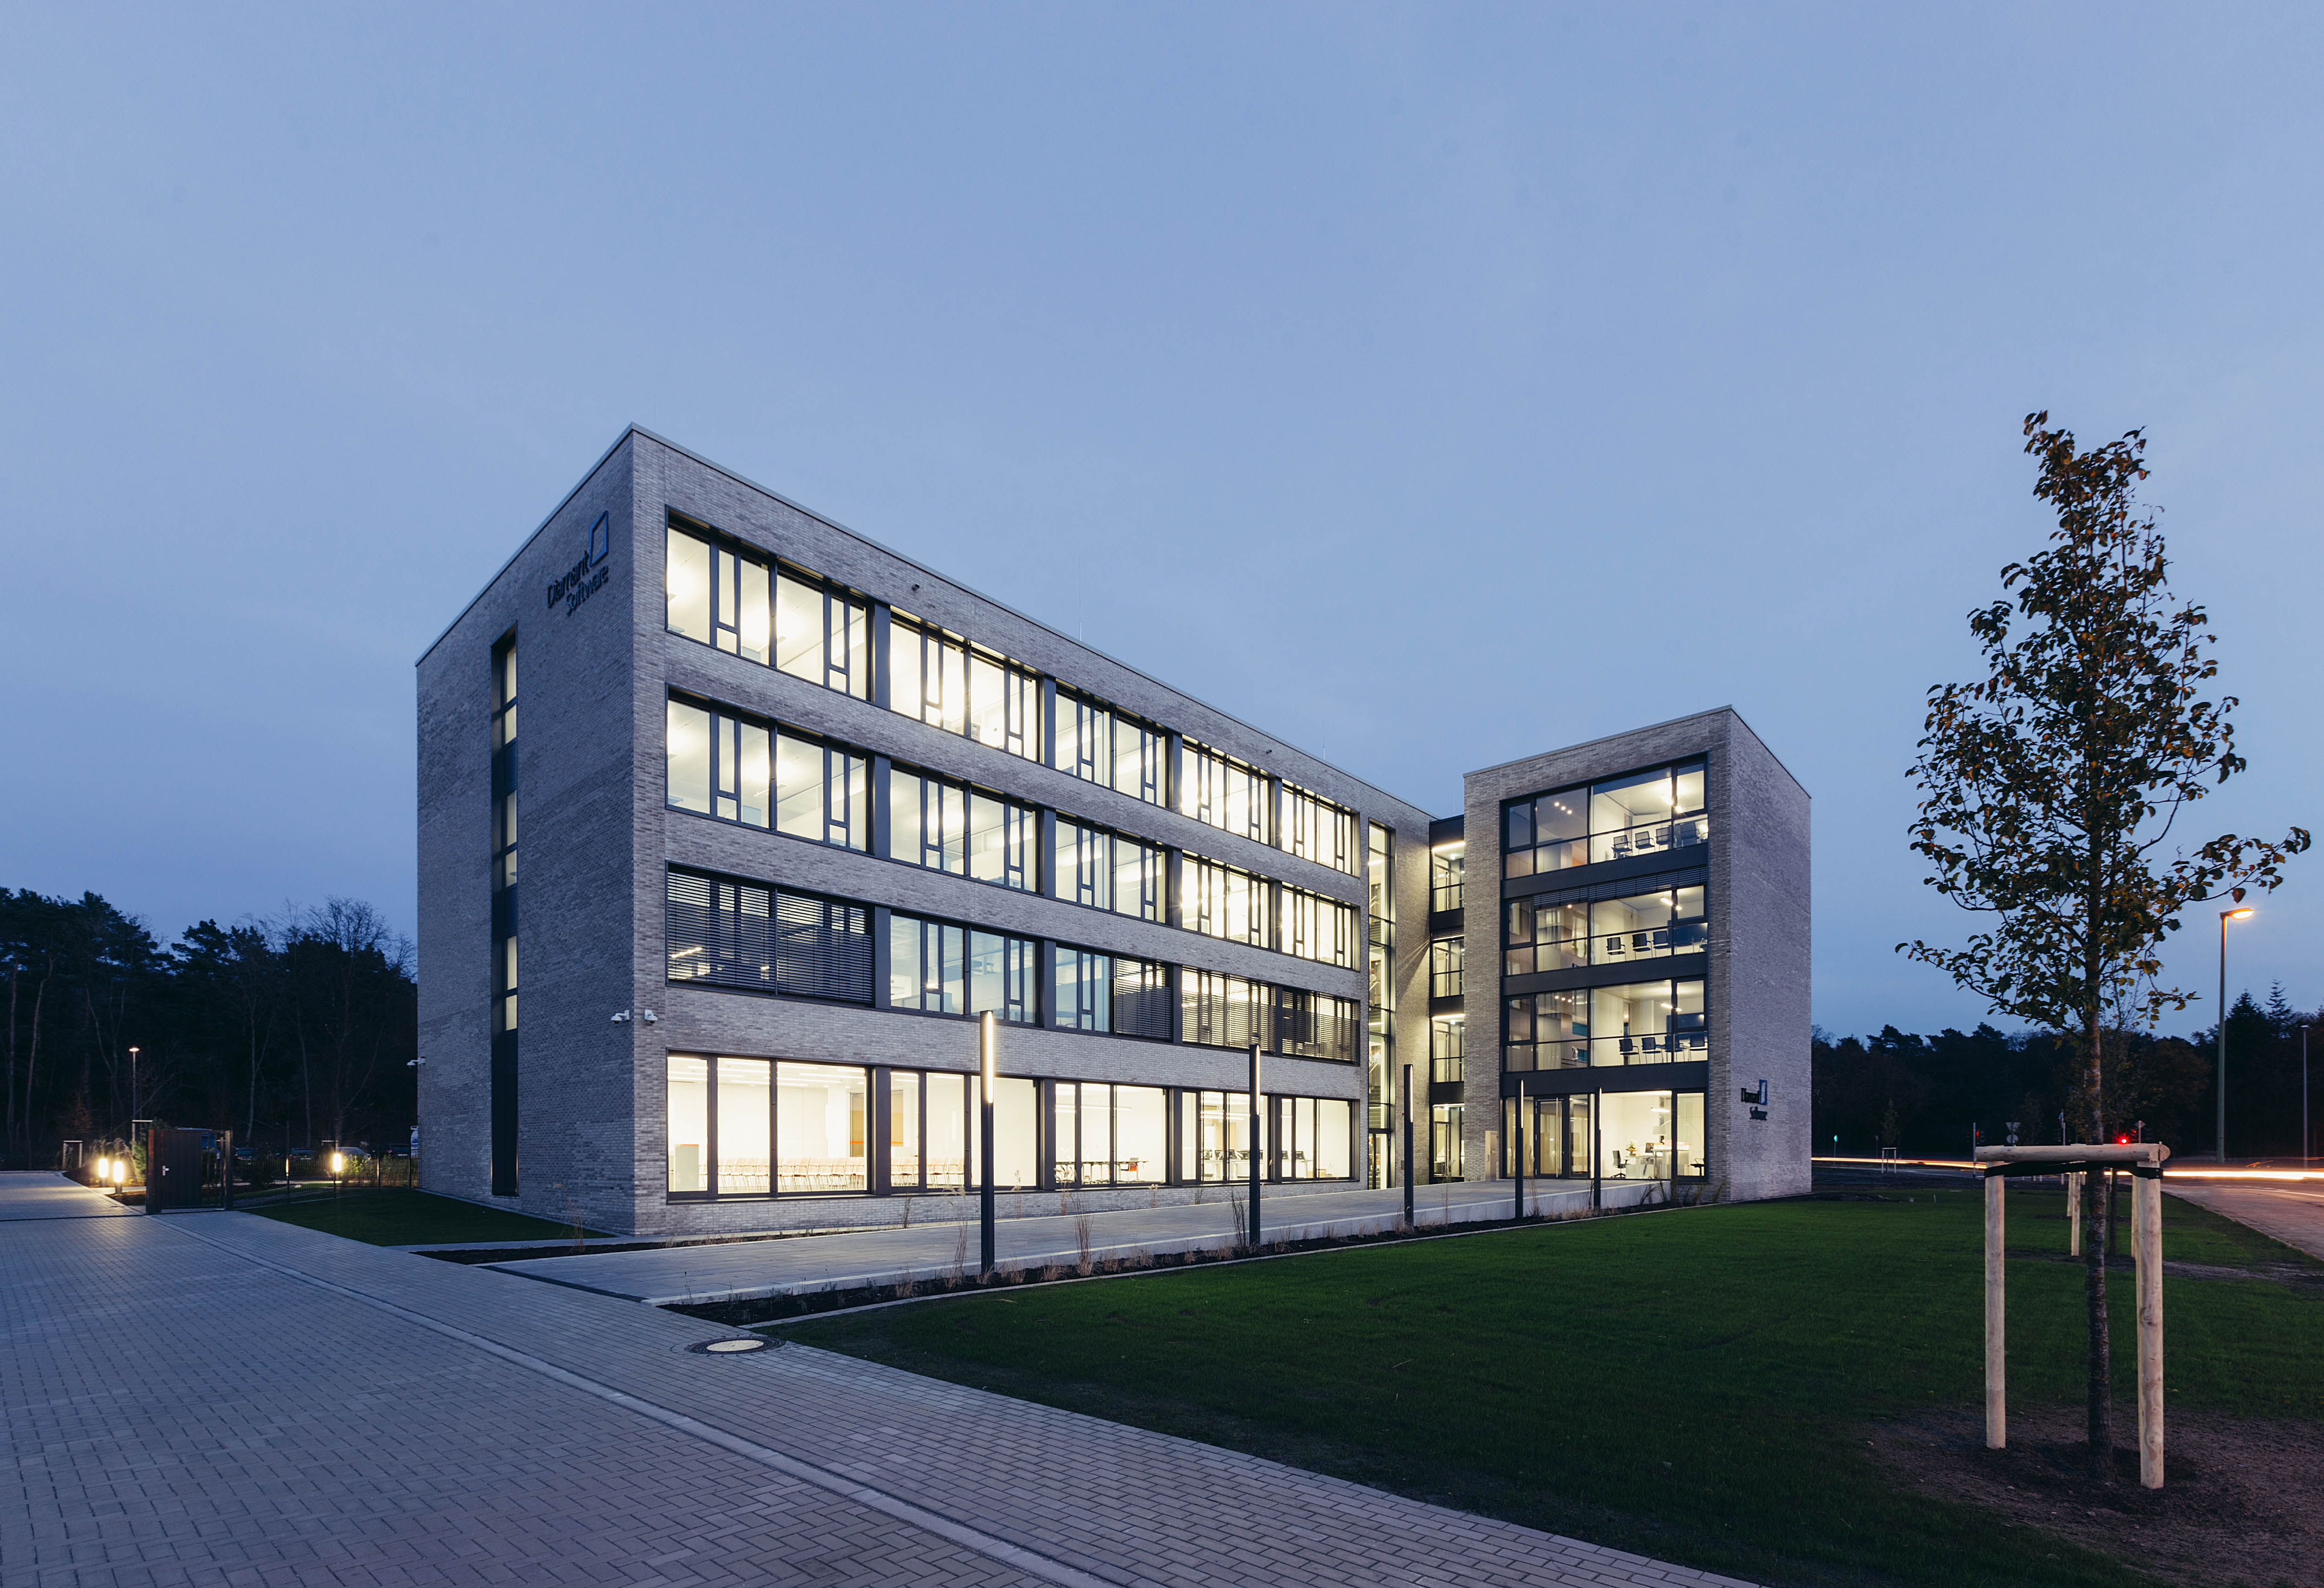 Bielefeld Architekten brüchner hüttemann pasch bhp architekten generalplaner gmbh